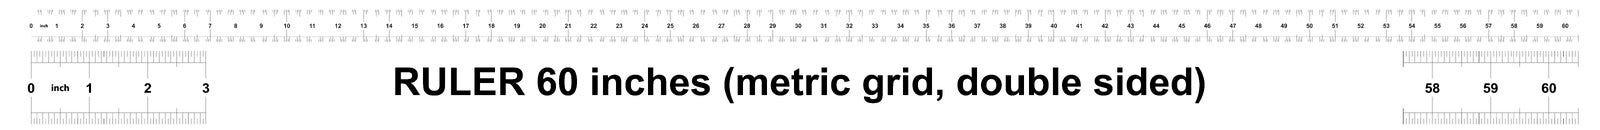 Правитель 60 дюймов метрический Цена разделения 0 05 дюймов Двойник правителя встал на сторону Точный измеряя инструмент Решетка  иллюстрация вектора